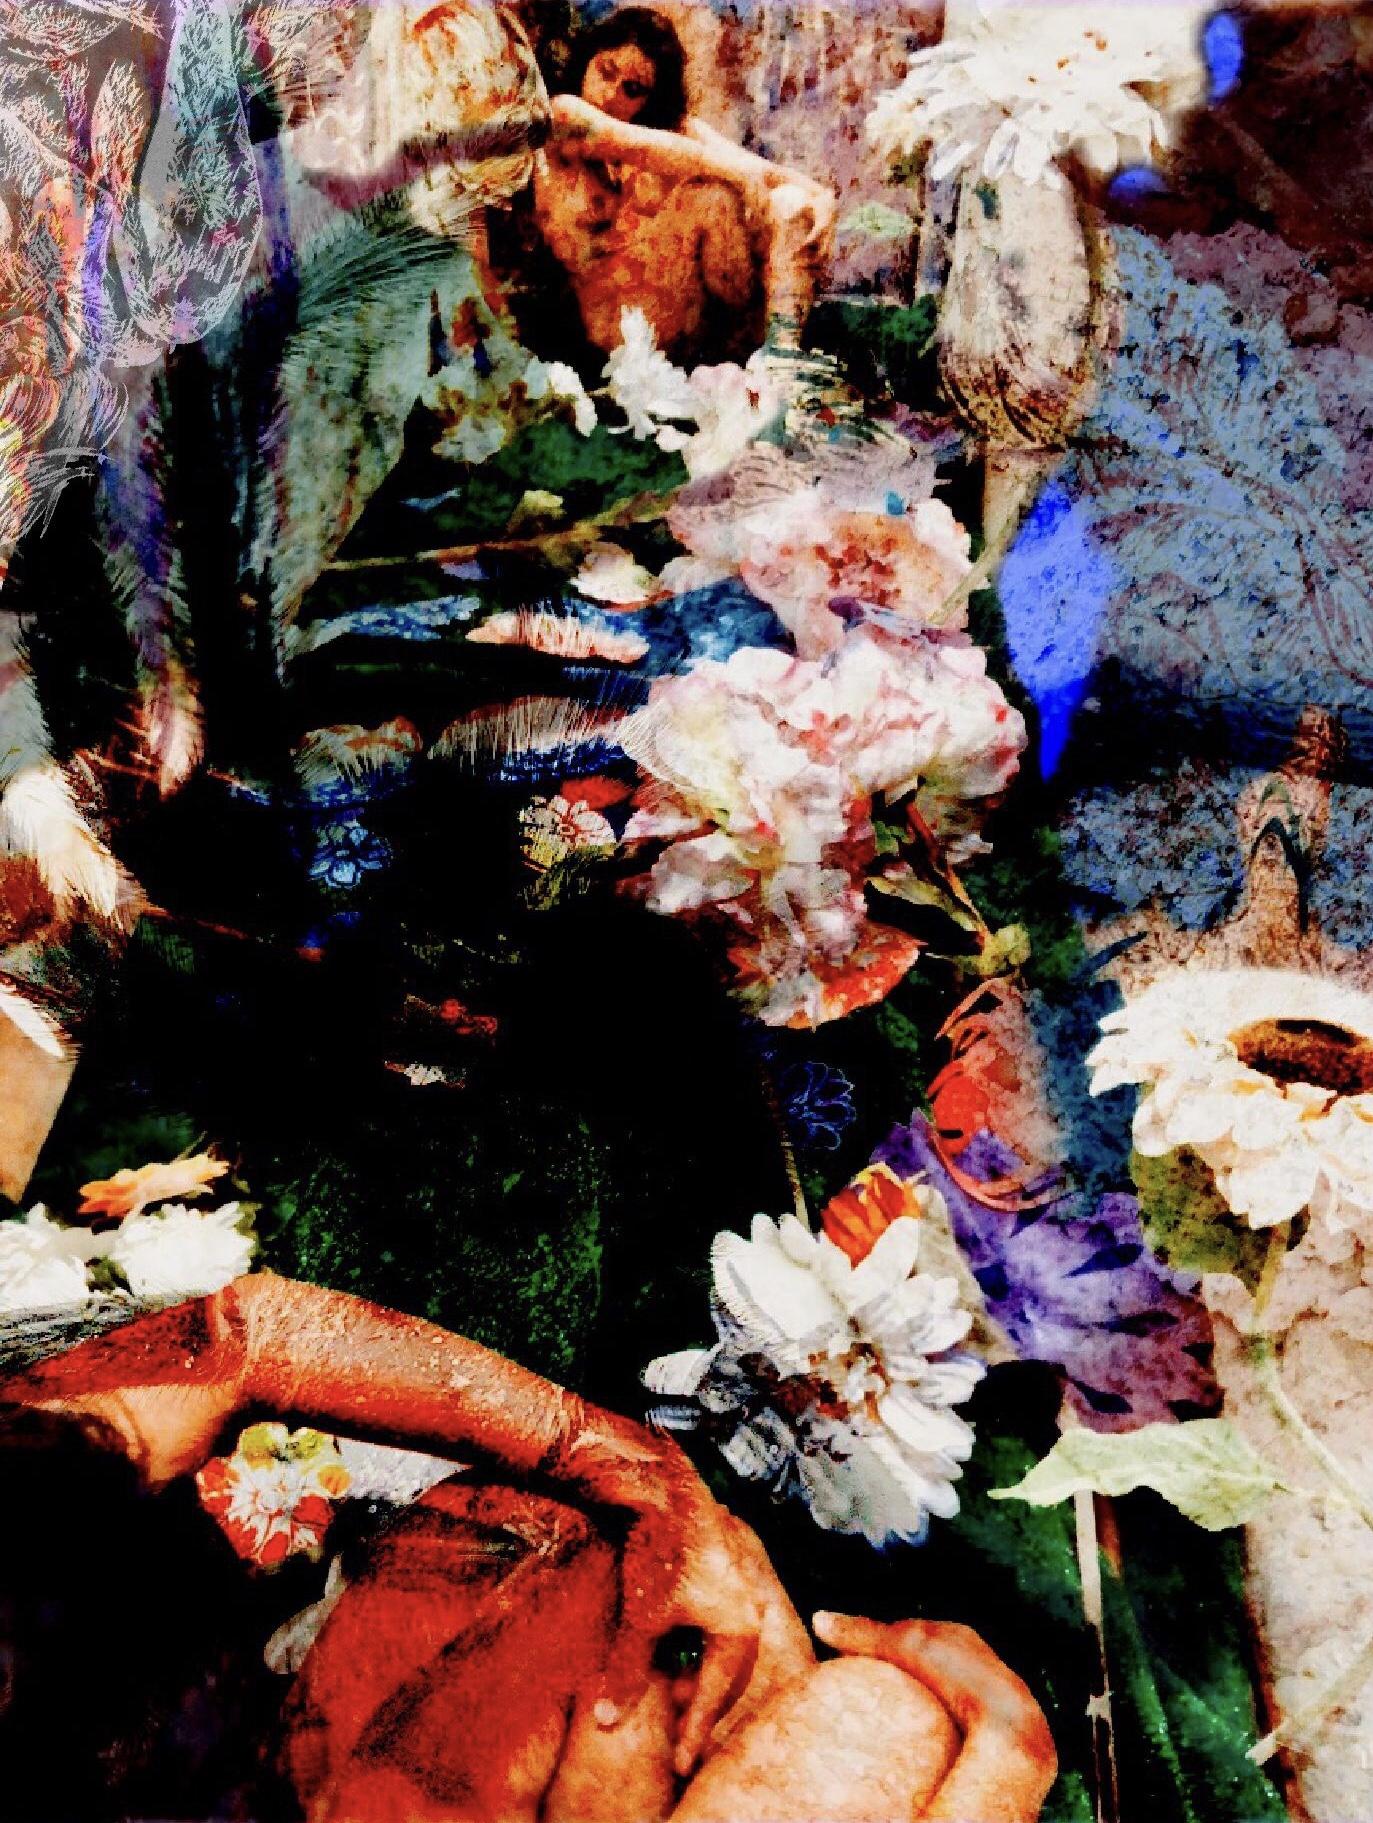 50_LizbethMata_(series2)_Untitled1.jpg